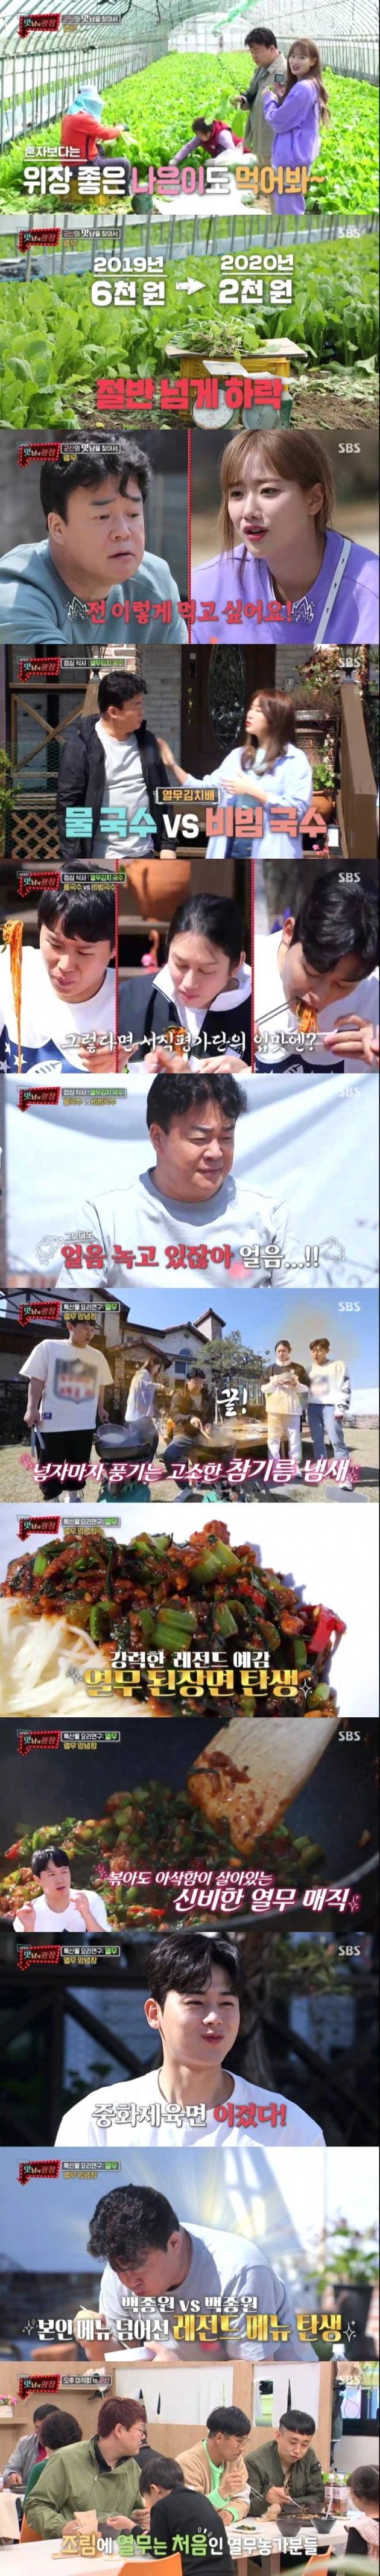 '맛남의 광장' 열무 농가 편 / 사진제공=SBS